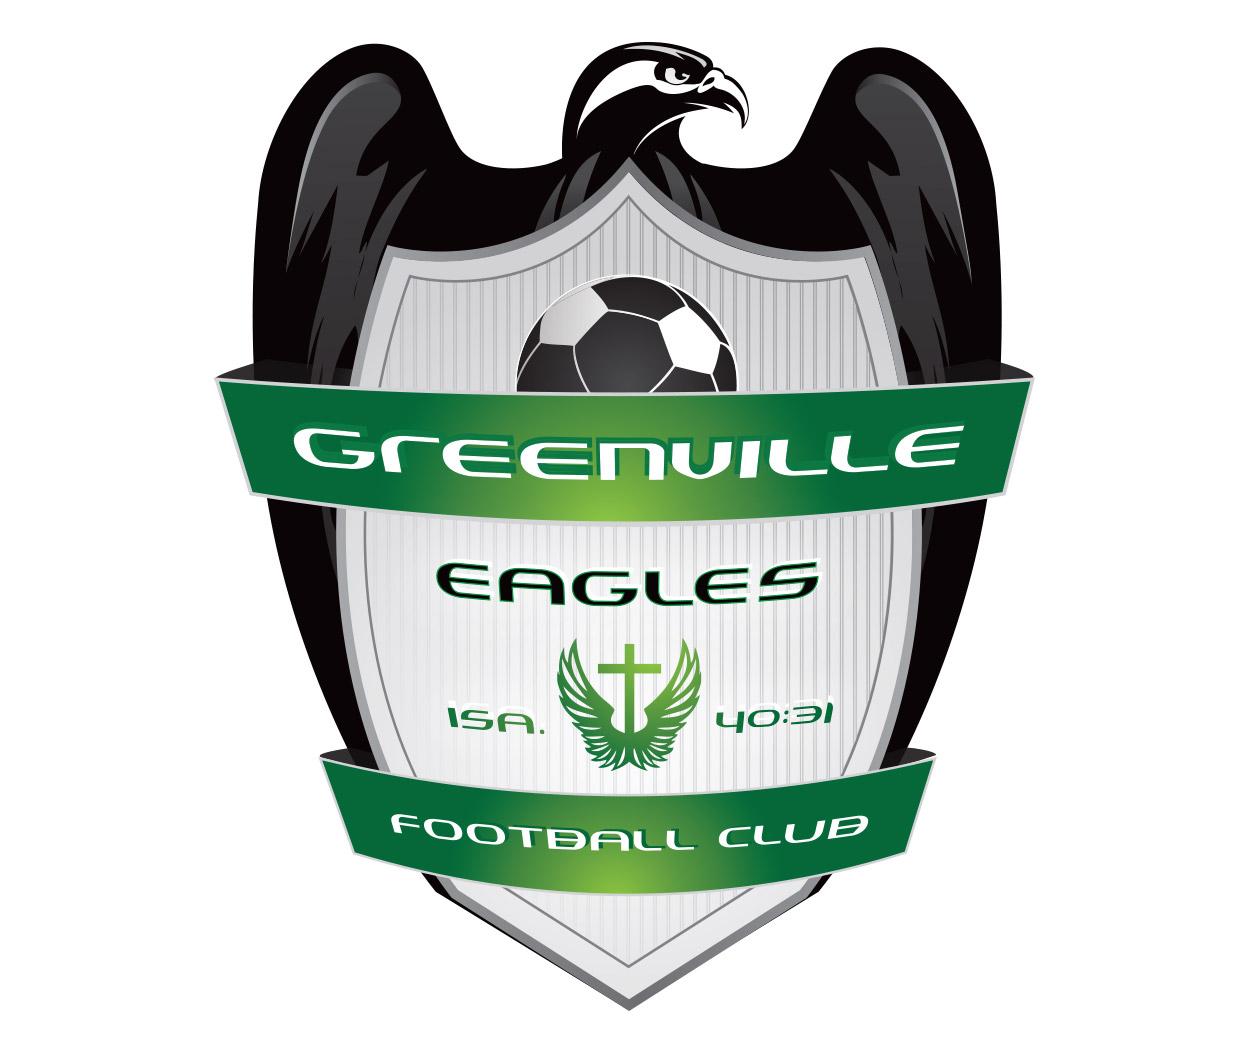 testimonial-for-the-custom-sports-logo-design-for-greenville-eagles-by-jordan-fretz.jpg